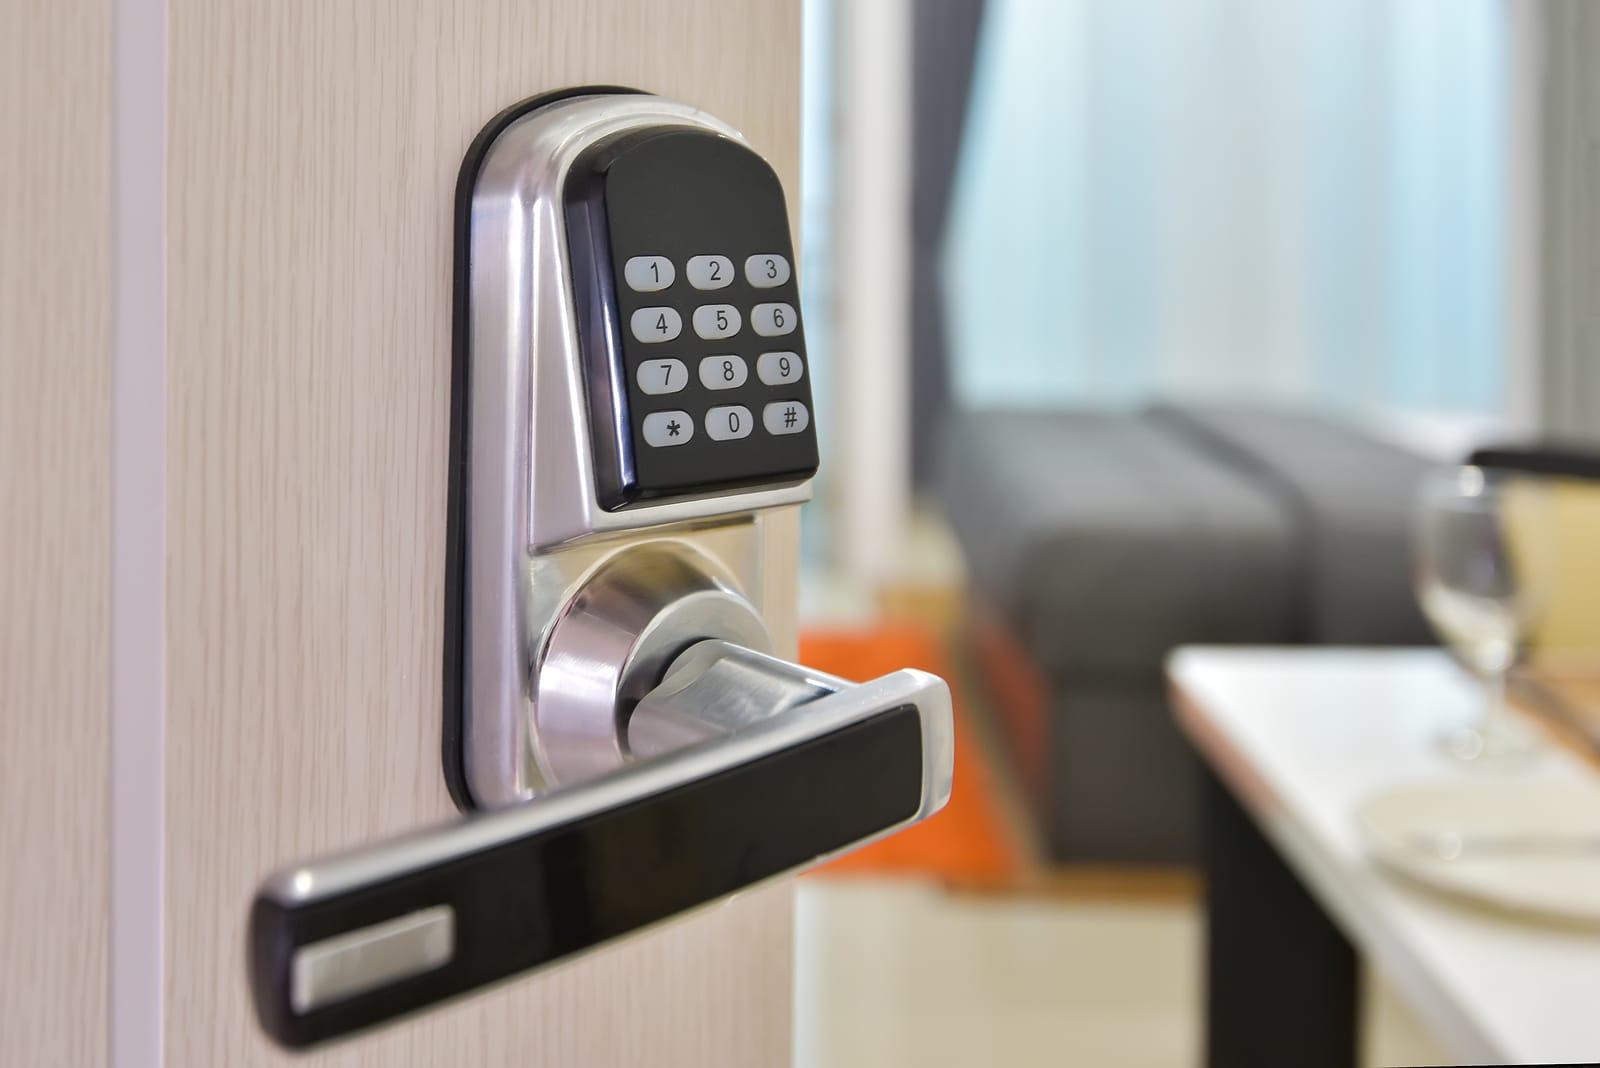 Electronic door access control system machine with number password door..Half opened door handle closeup entrance to a living room.Door lock with keys number.